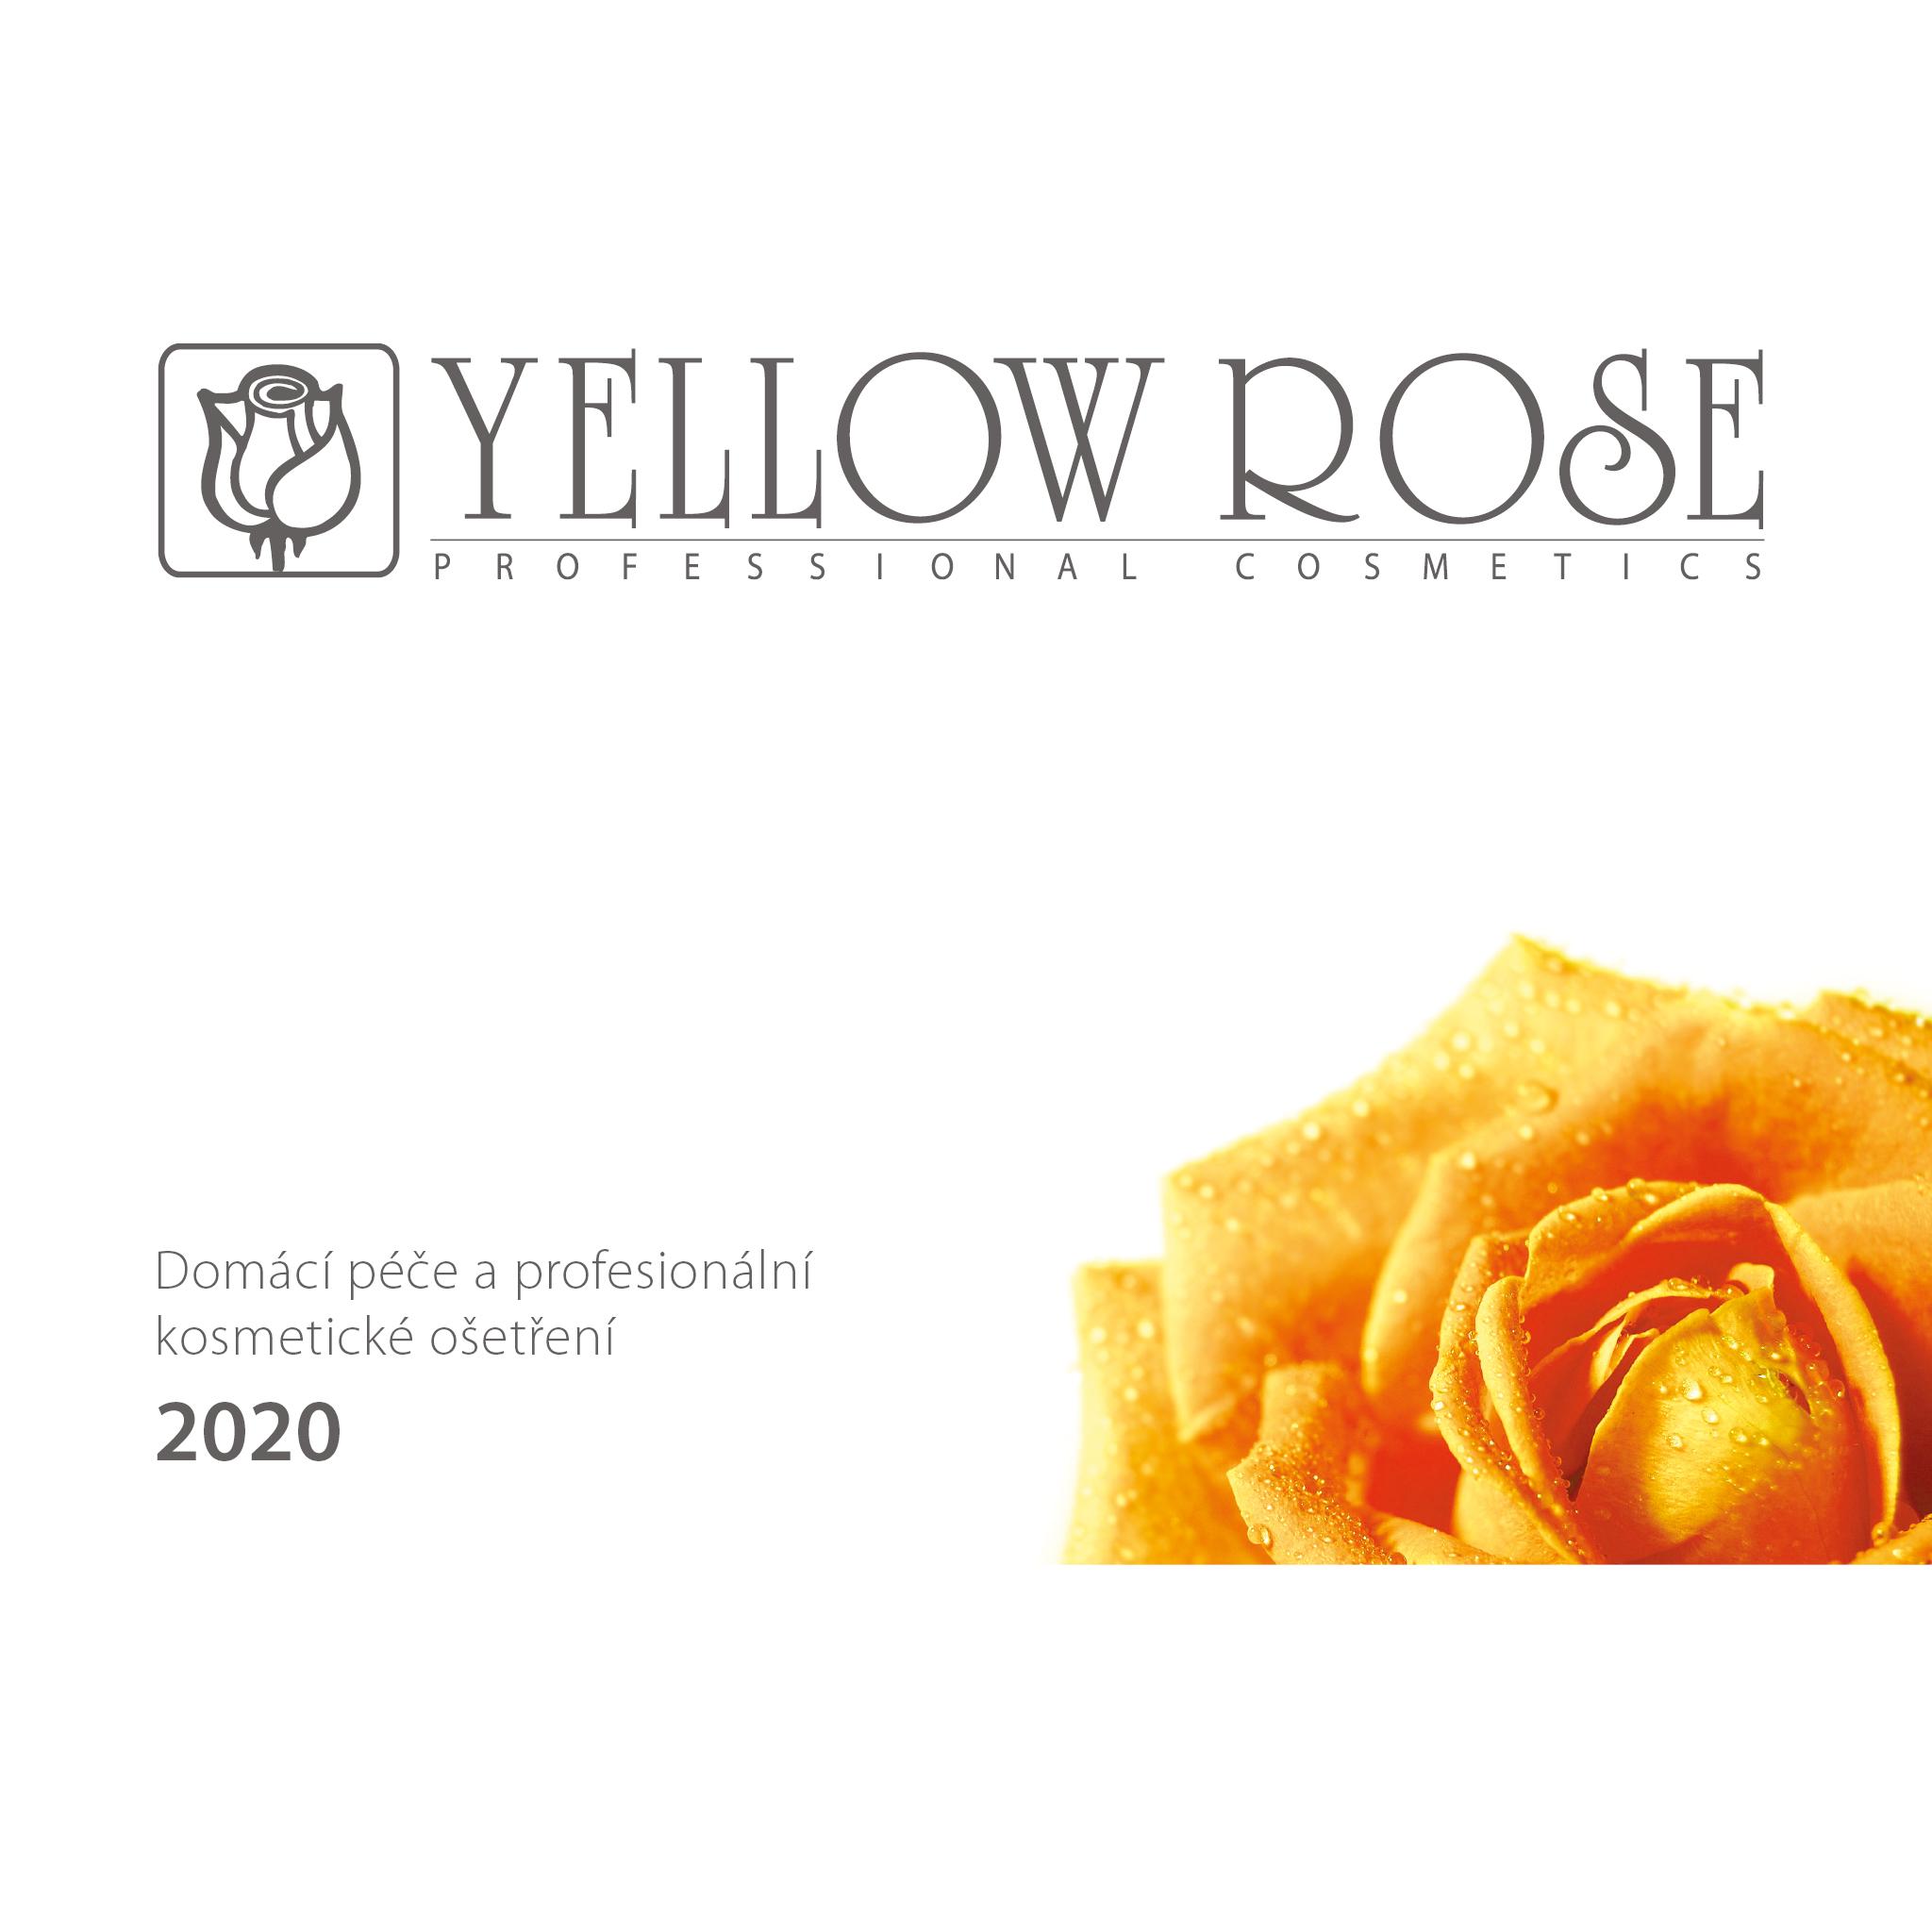 Katalog domácí péče Yellow Rose Professional cosmetics®